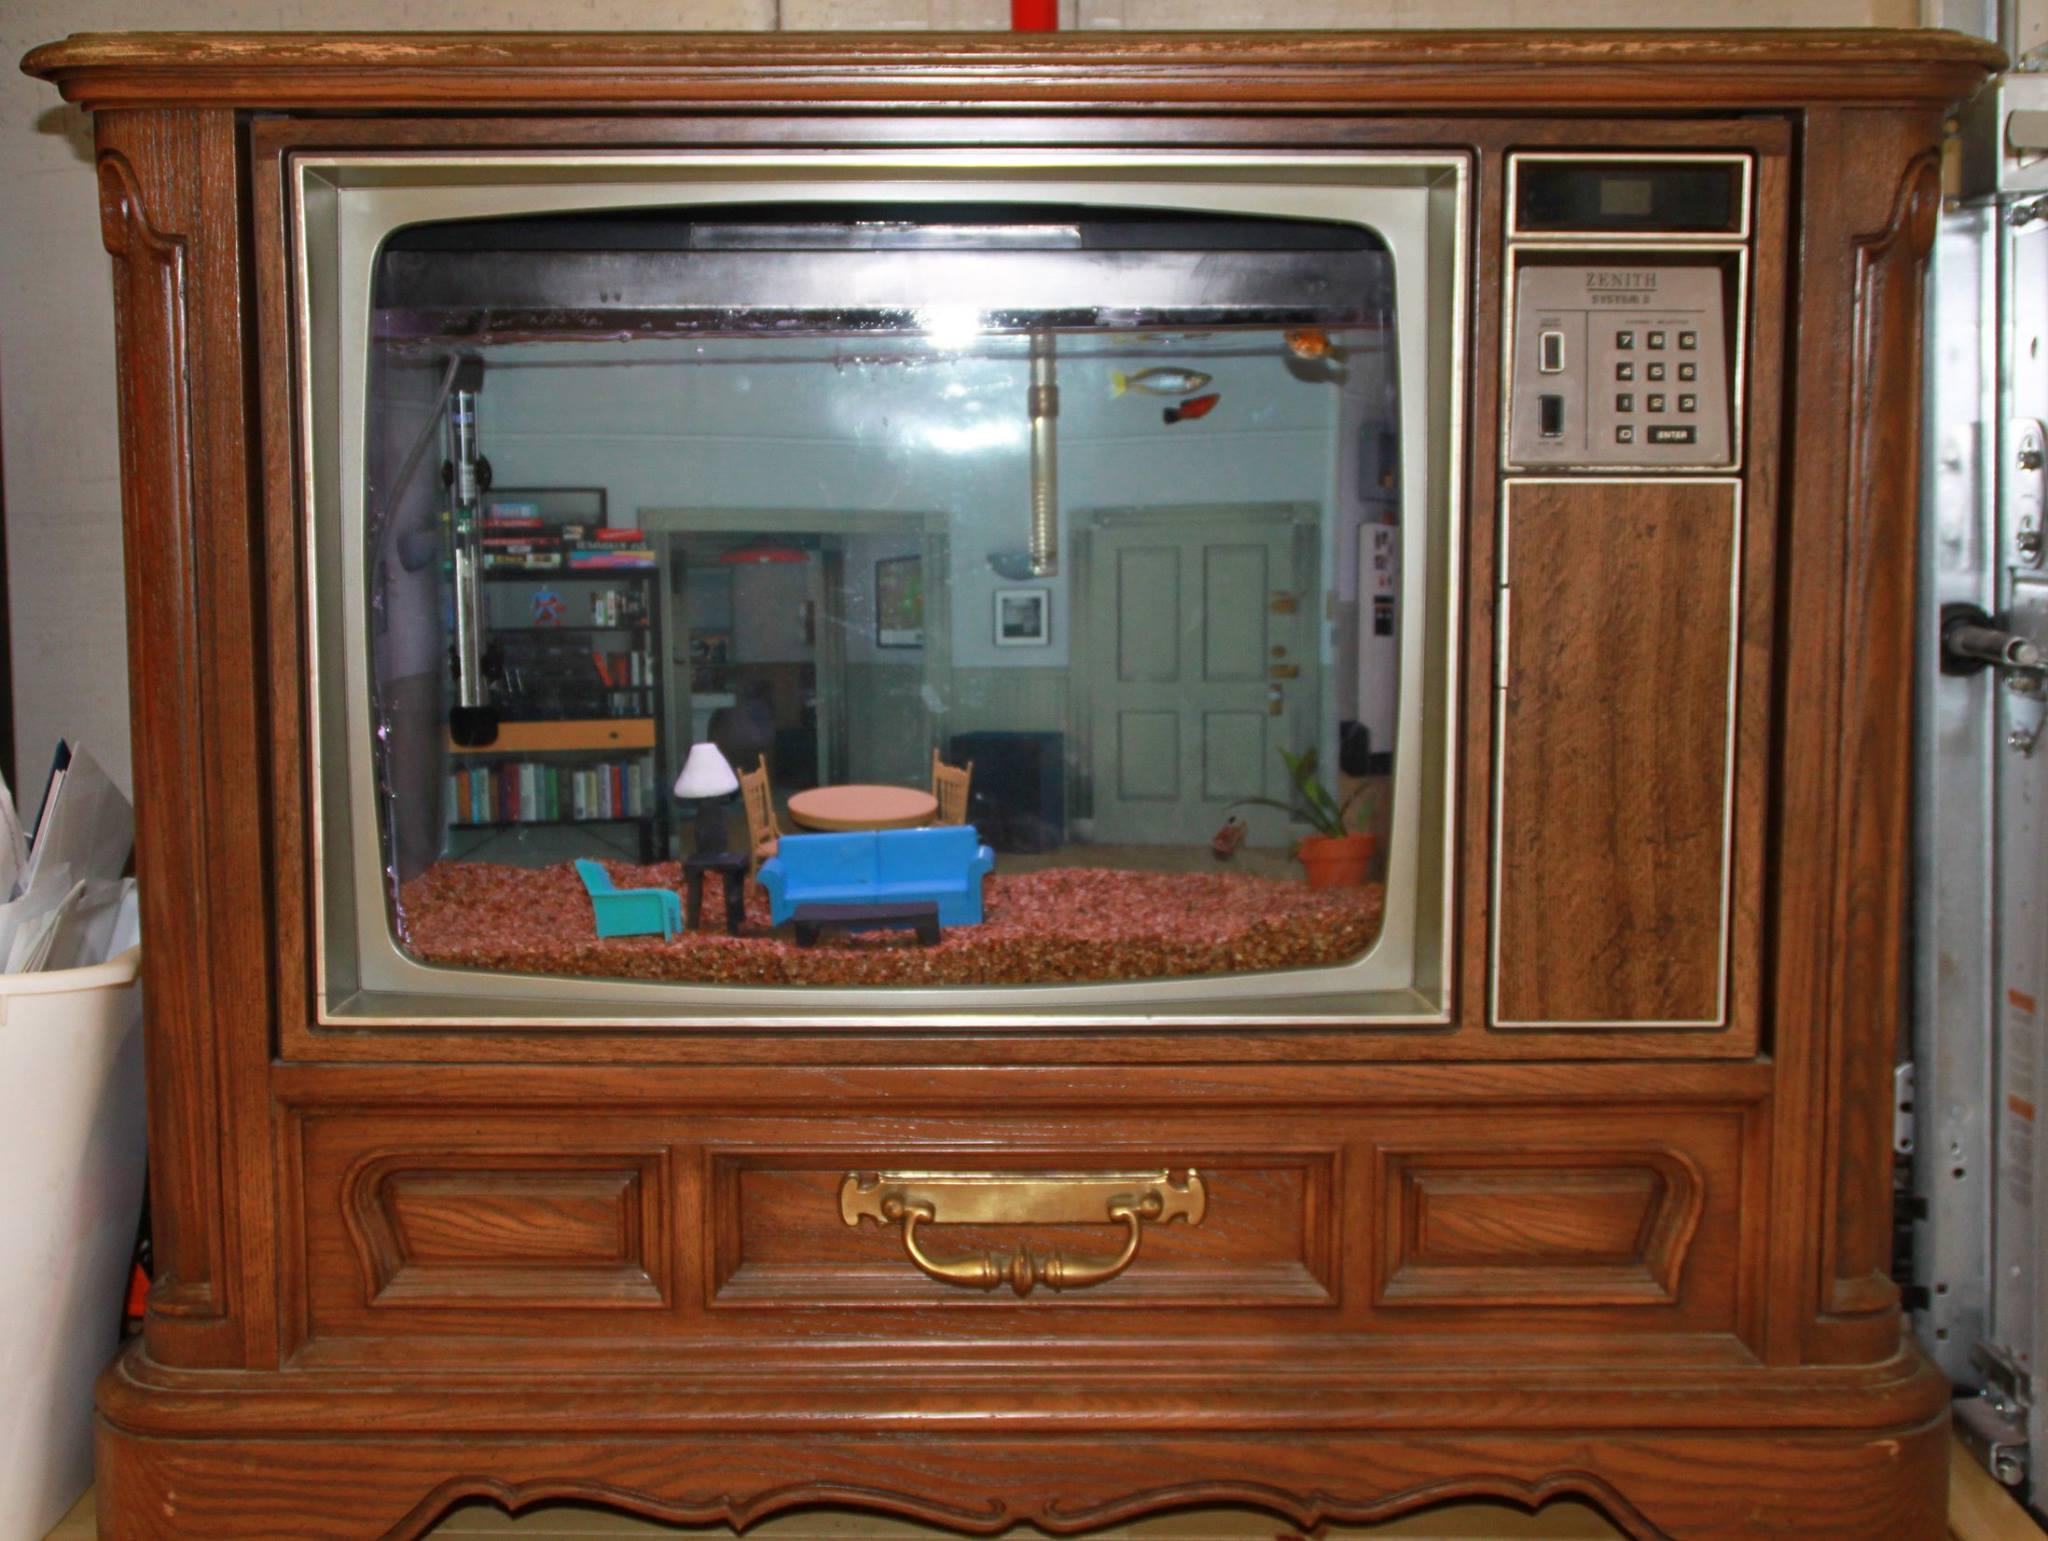 Что и как можно сделать из старого телевизора? Когда умелые руки лучше 95